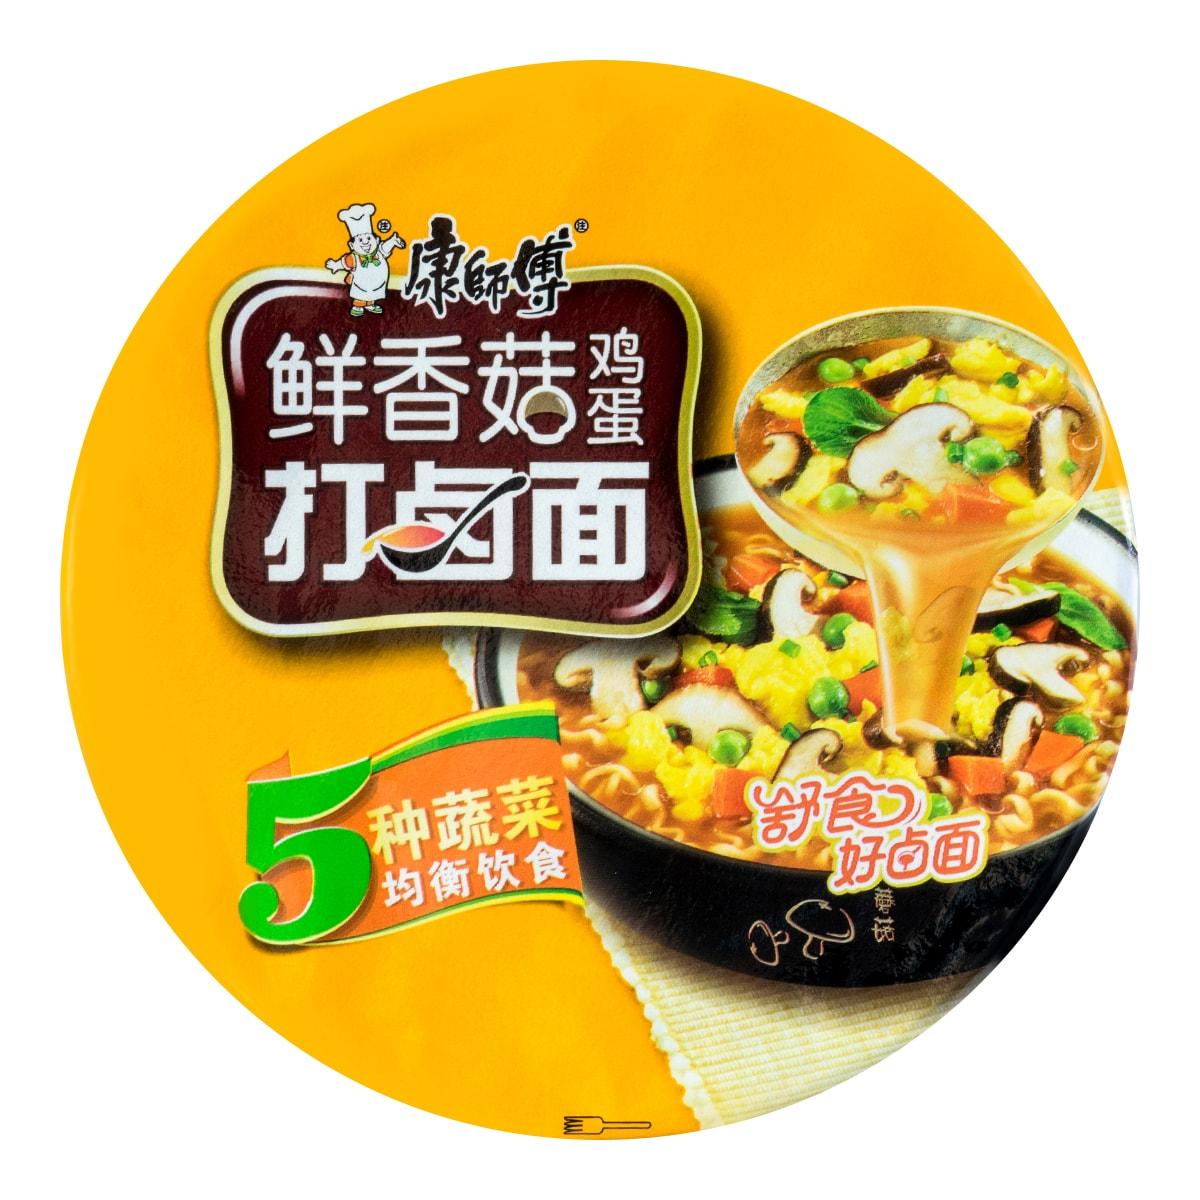 康师傅 鲜香菇鸡蛋打卤面 桶装 104g